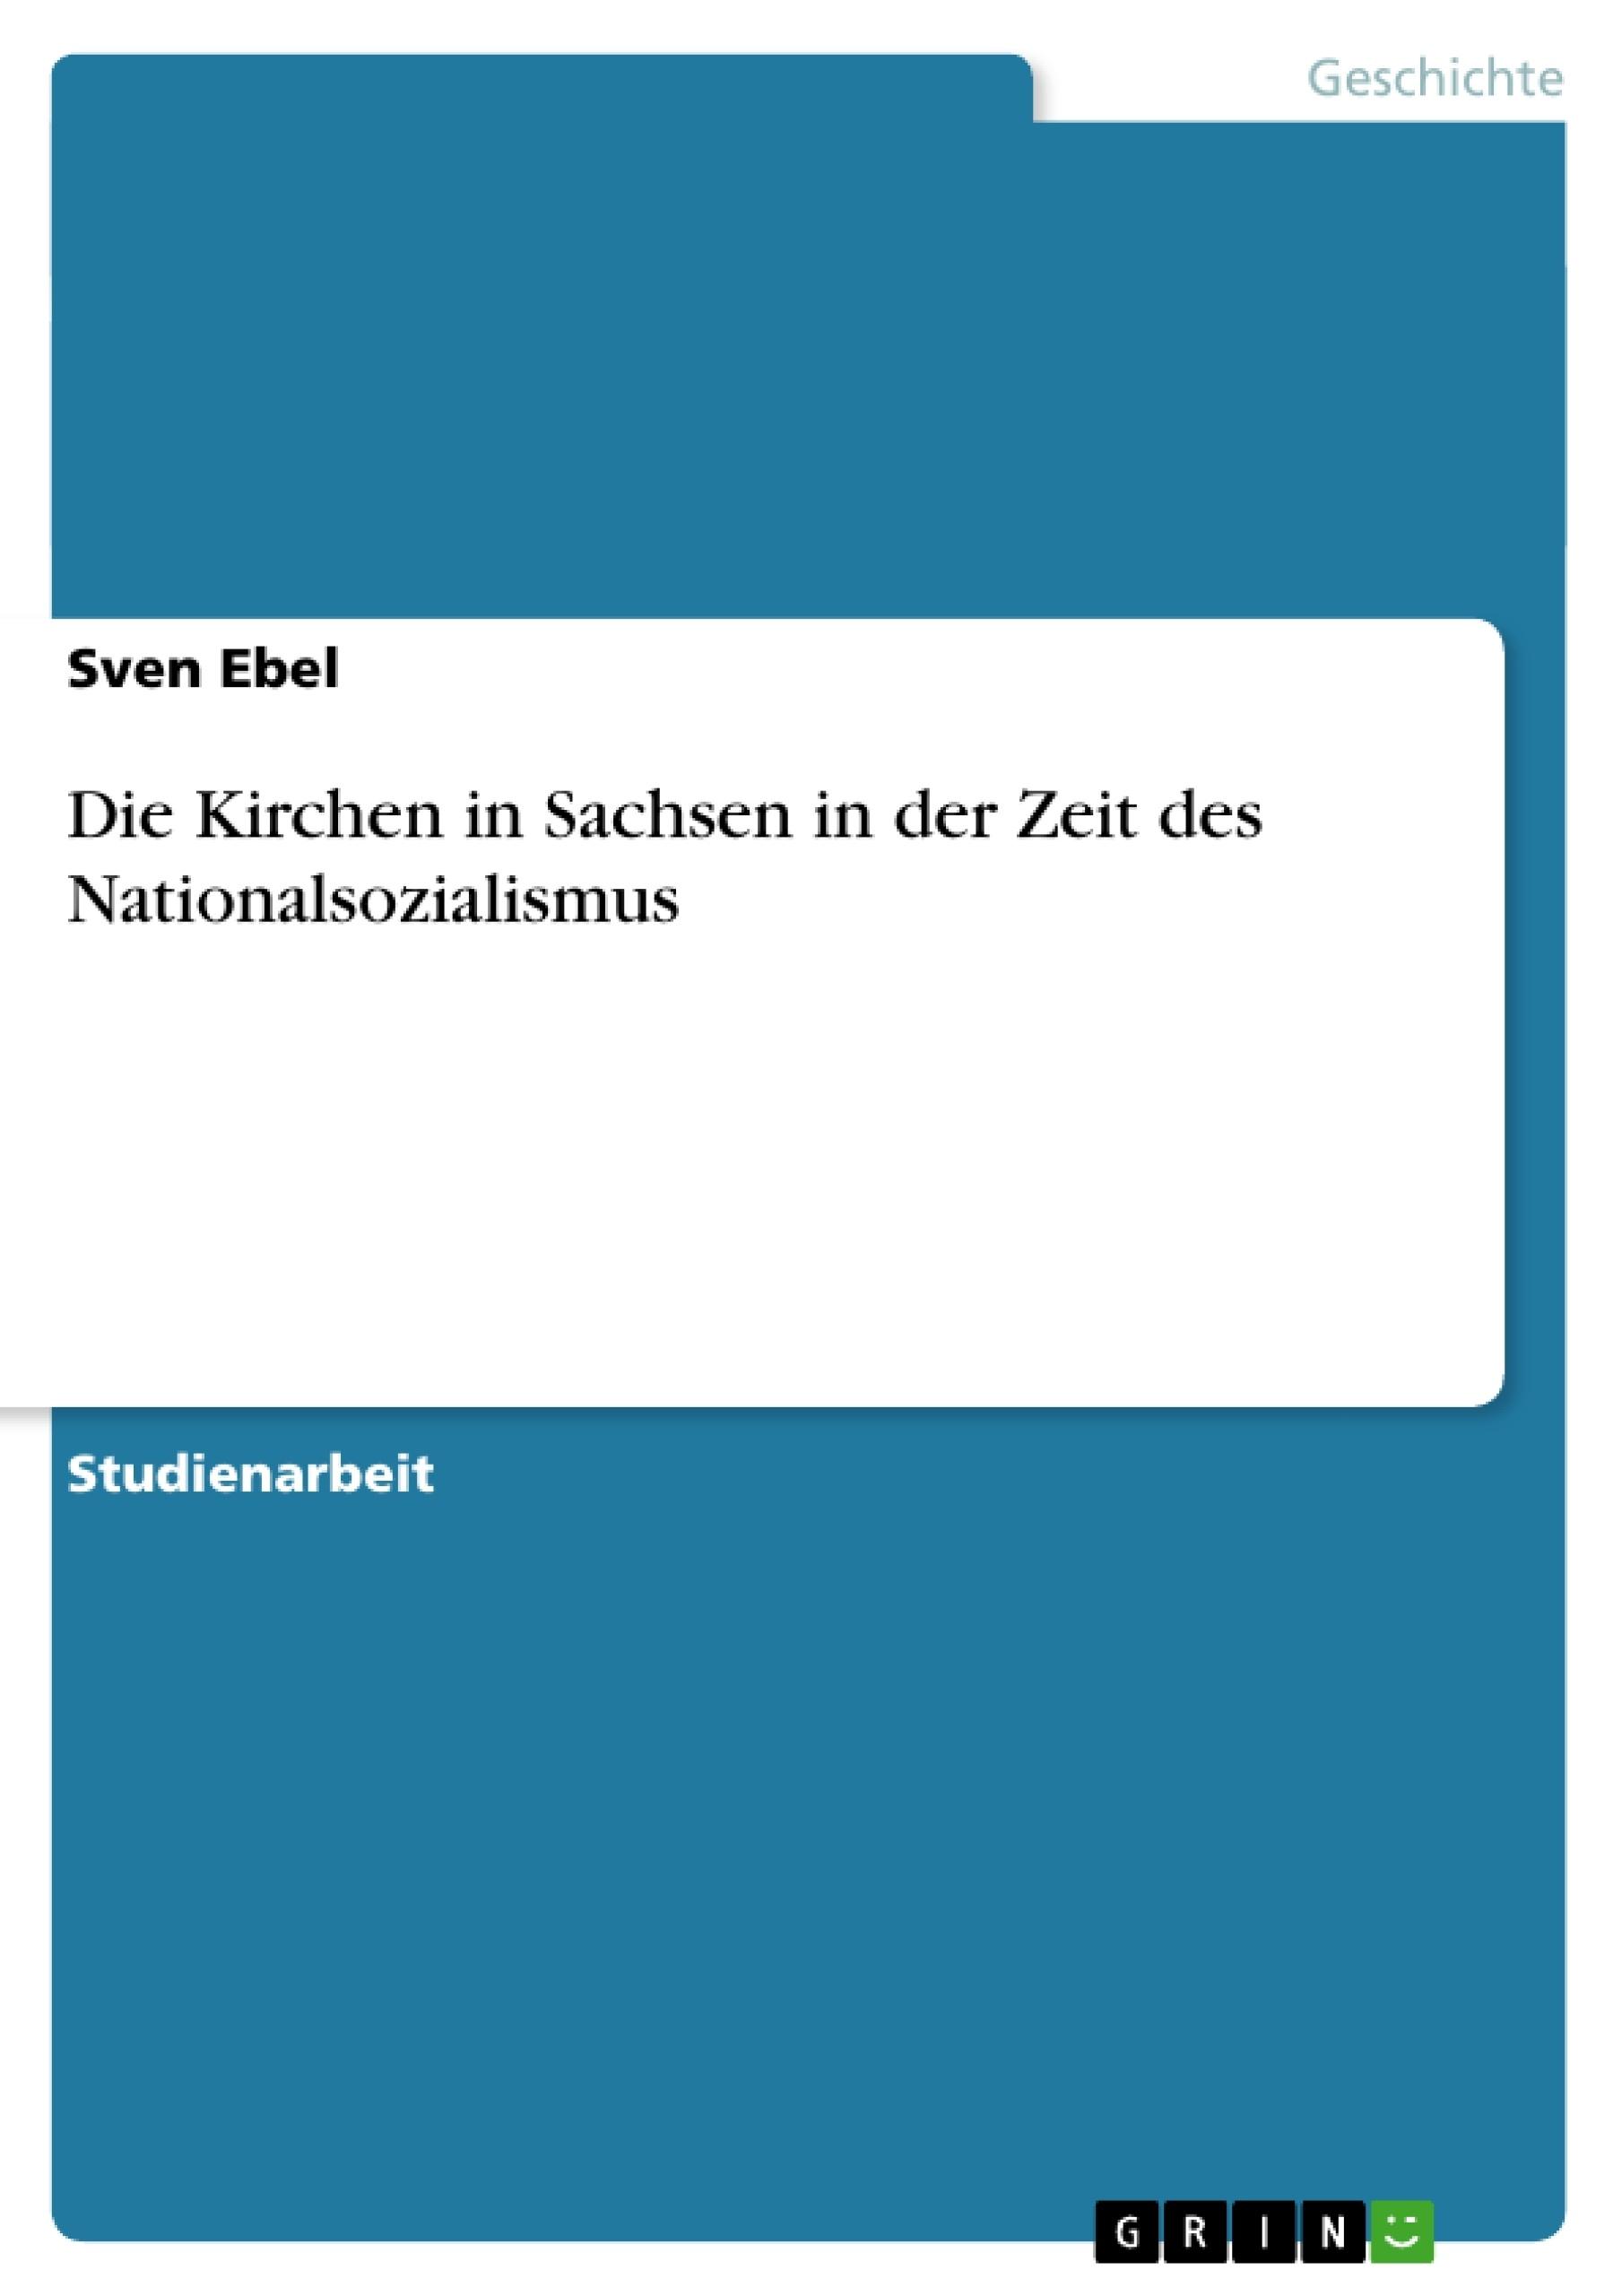 Titel: Die Kirchen in Sachsen in der Zeit des Nationalsozialismus